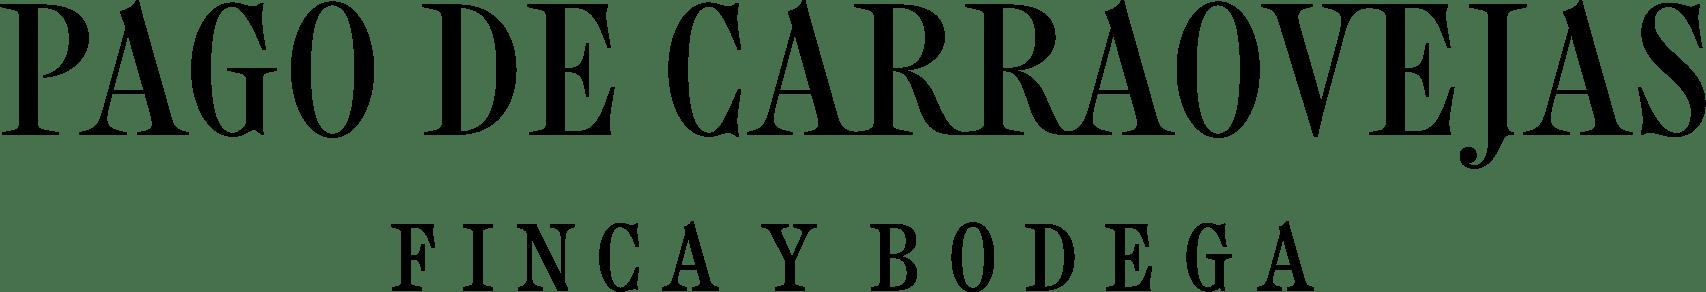 Logo Pago de Carraovejas